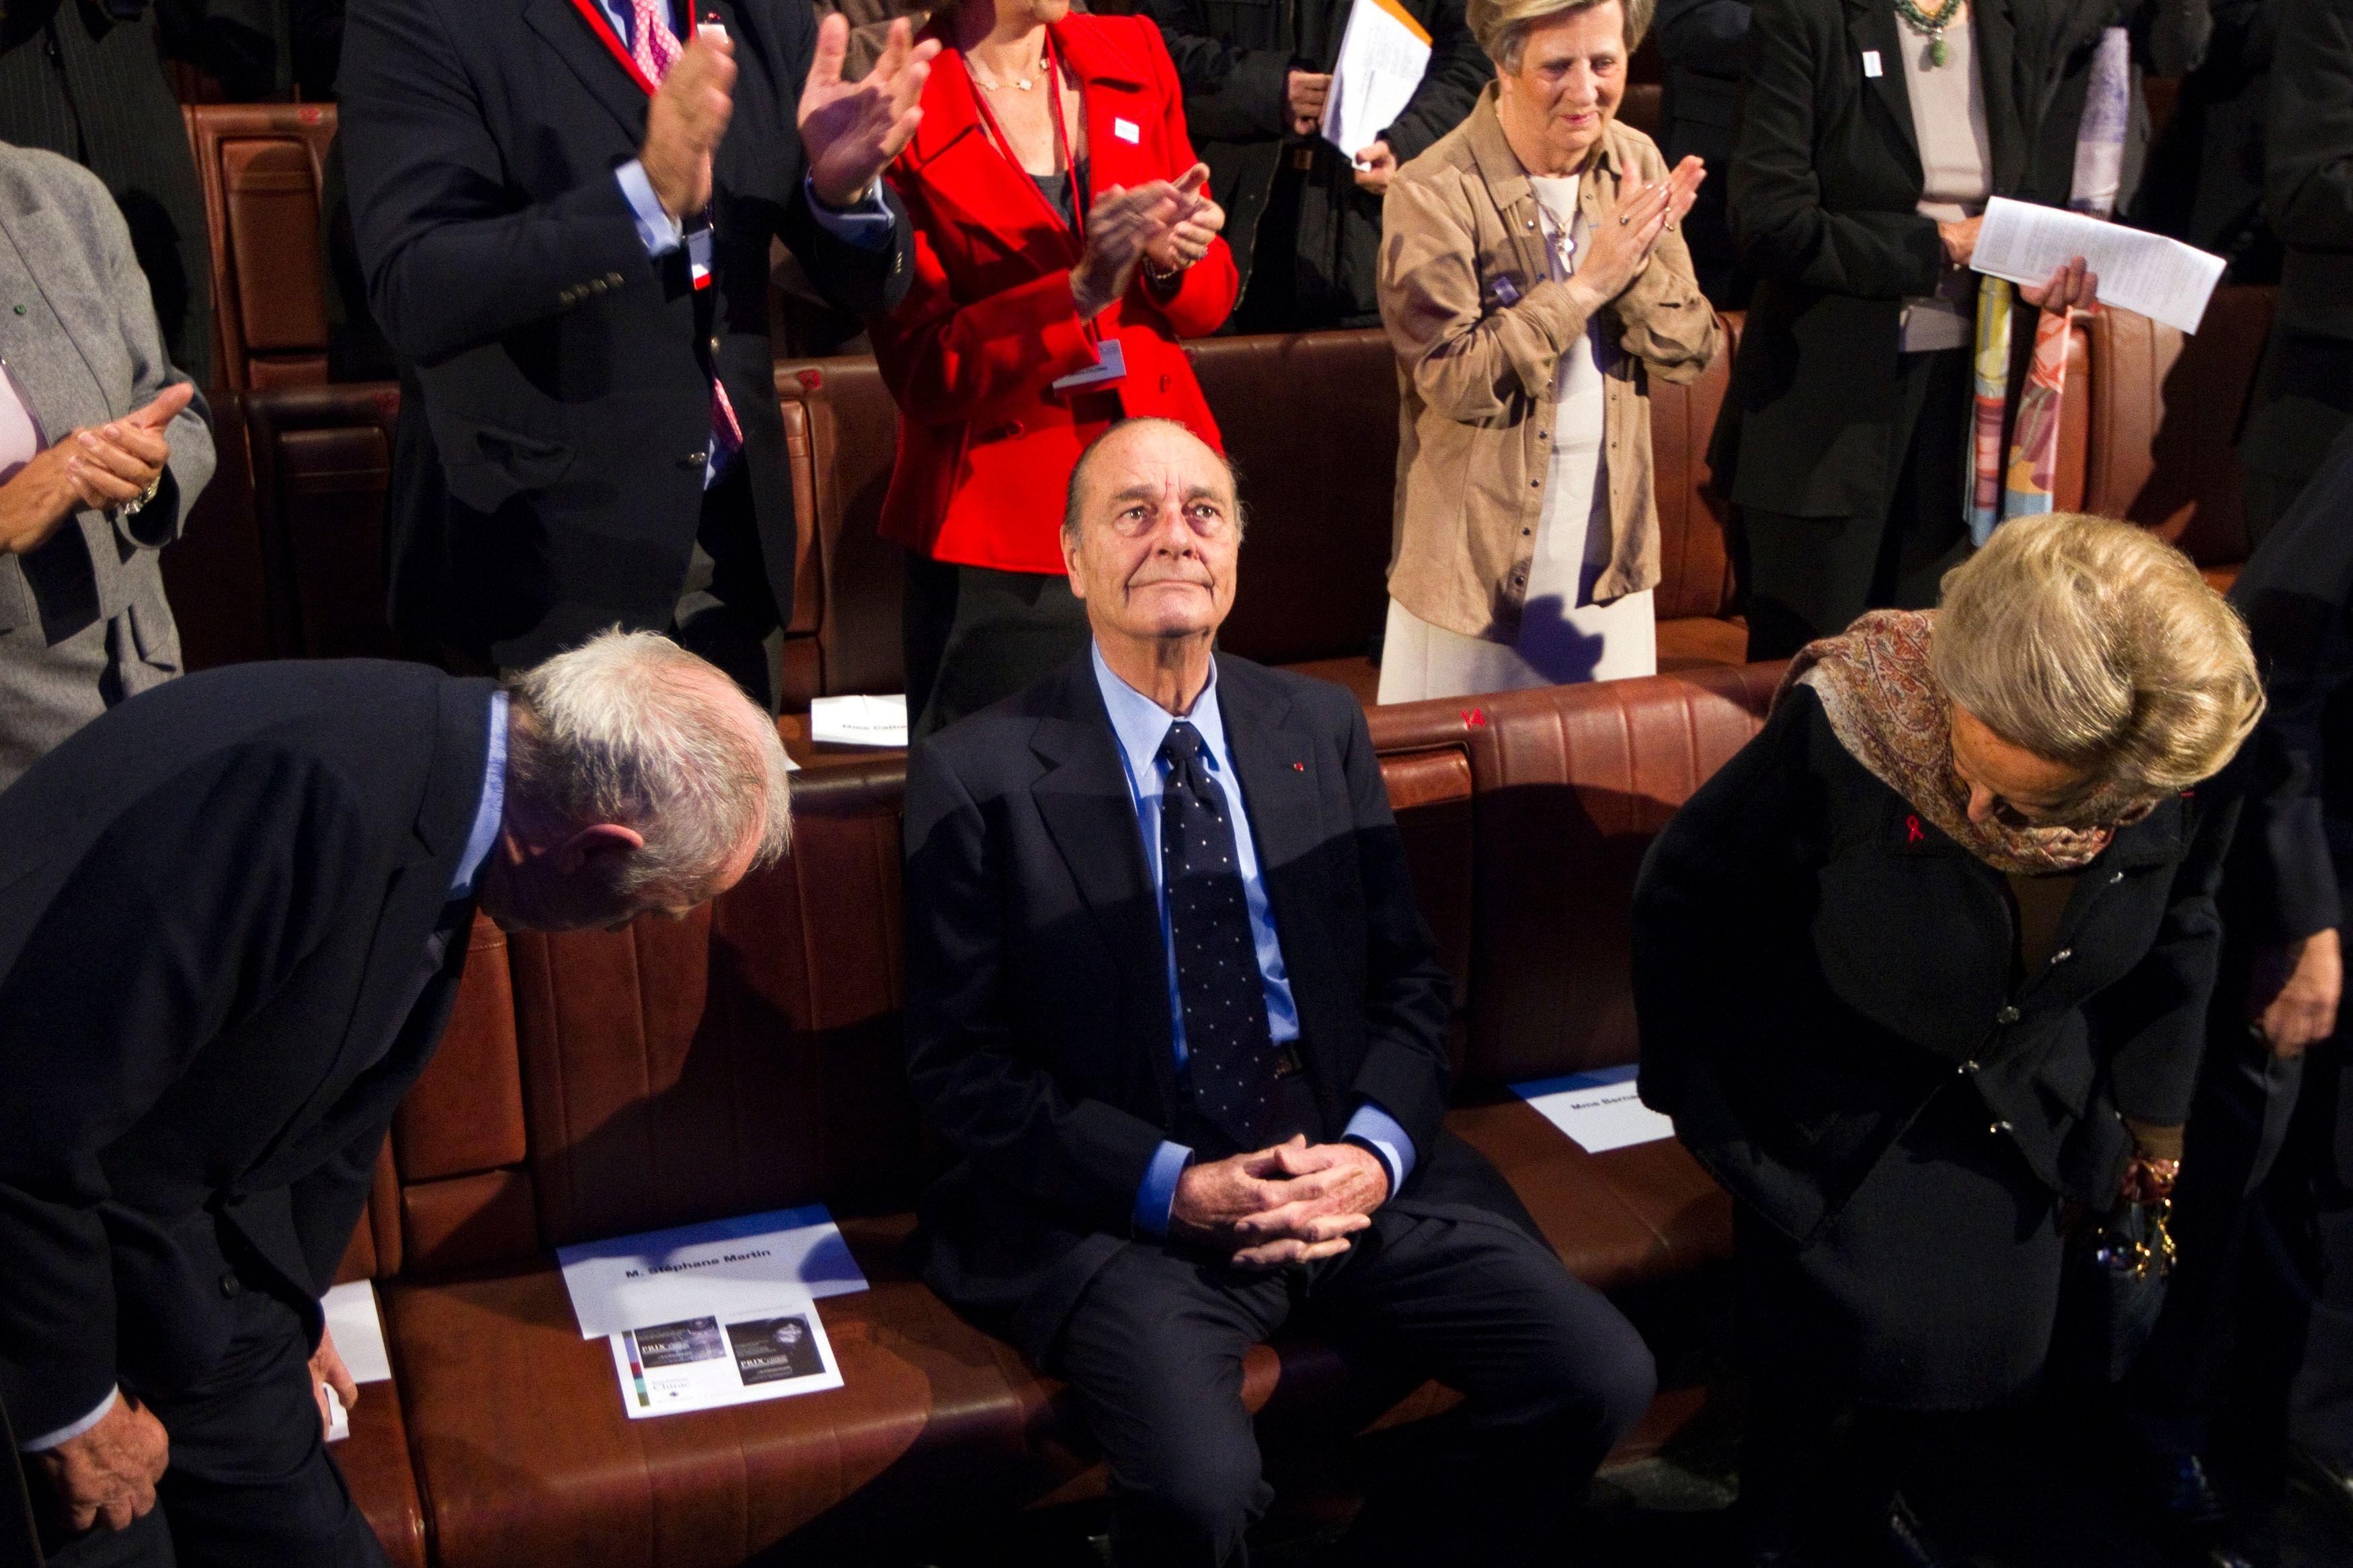 Le tribunal correctionnel de Paris a condamné Jacques Chirac à deux ans de prison avec sursis.